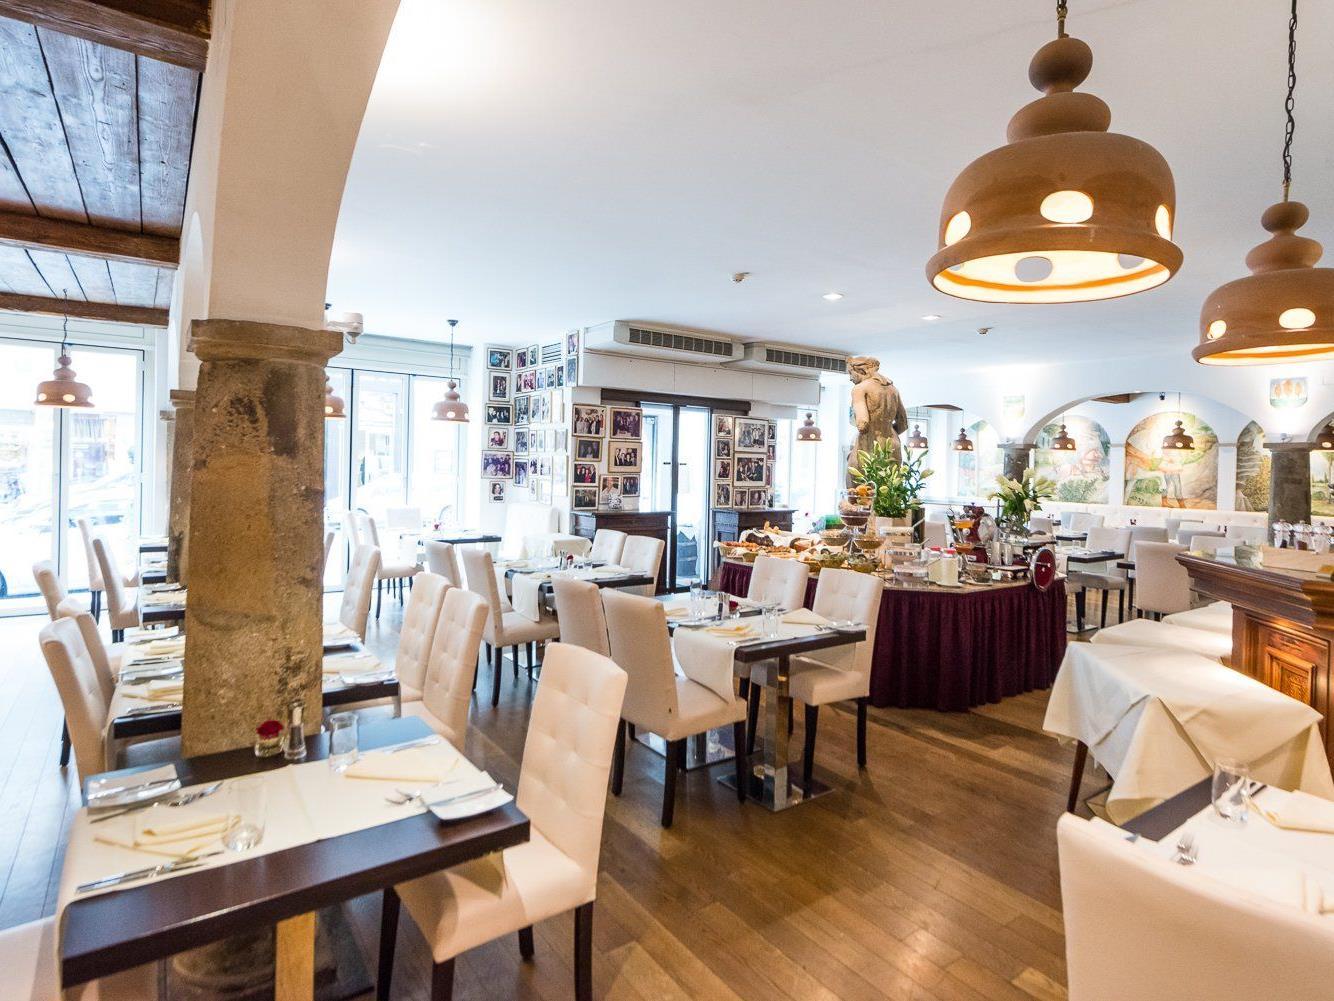 VIENNA.at verlost im Zuge der Wiener Restaurantwoche drei Dinner für zwei Personen.